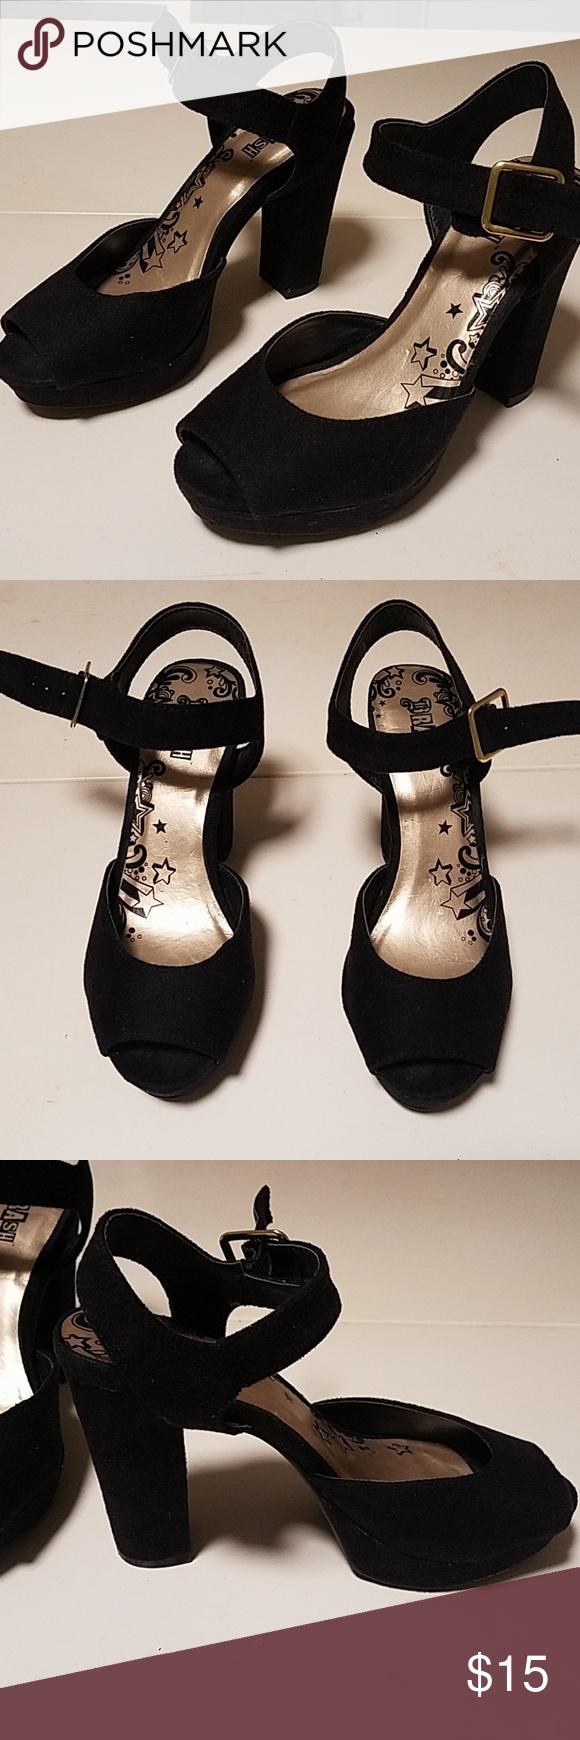 12950ec9551 💲⬇️Brash black platform heels Brash black platform heels